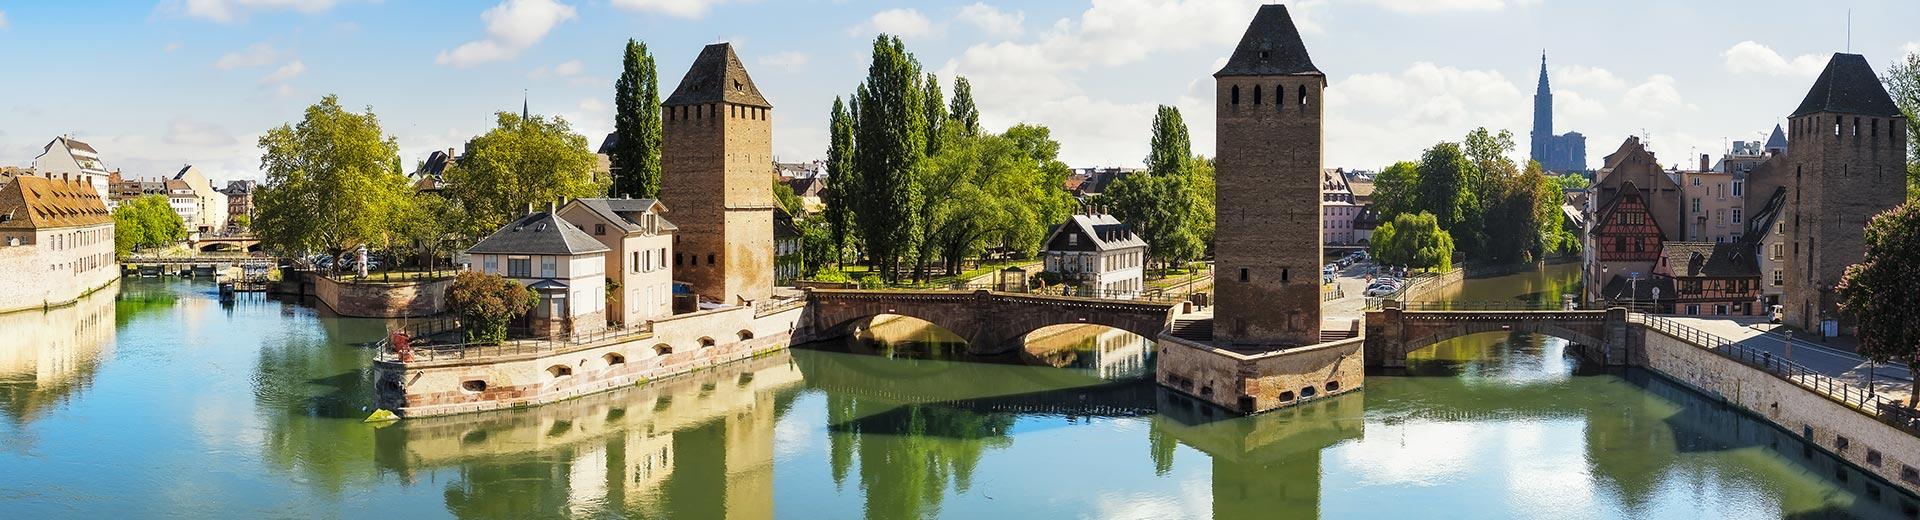 Städtereise Strassburg